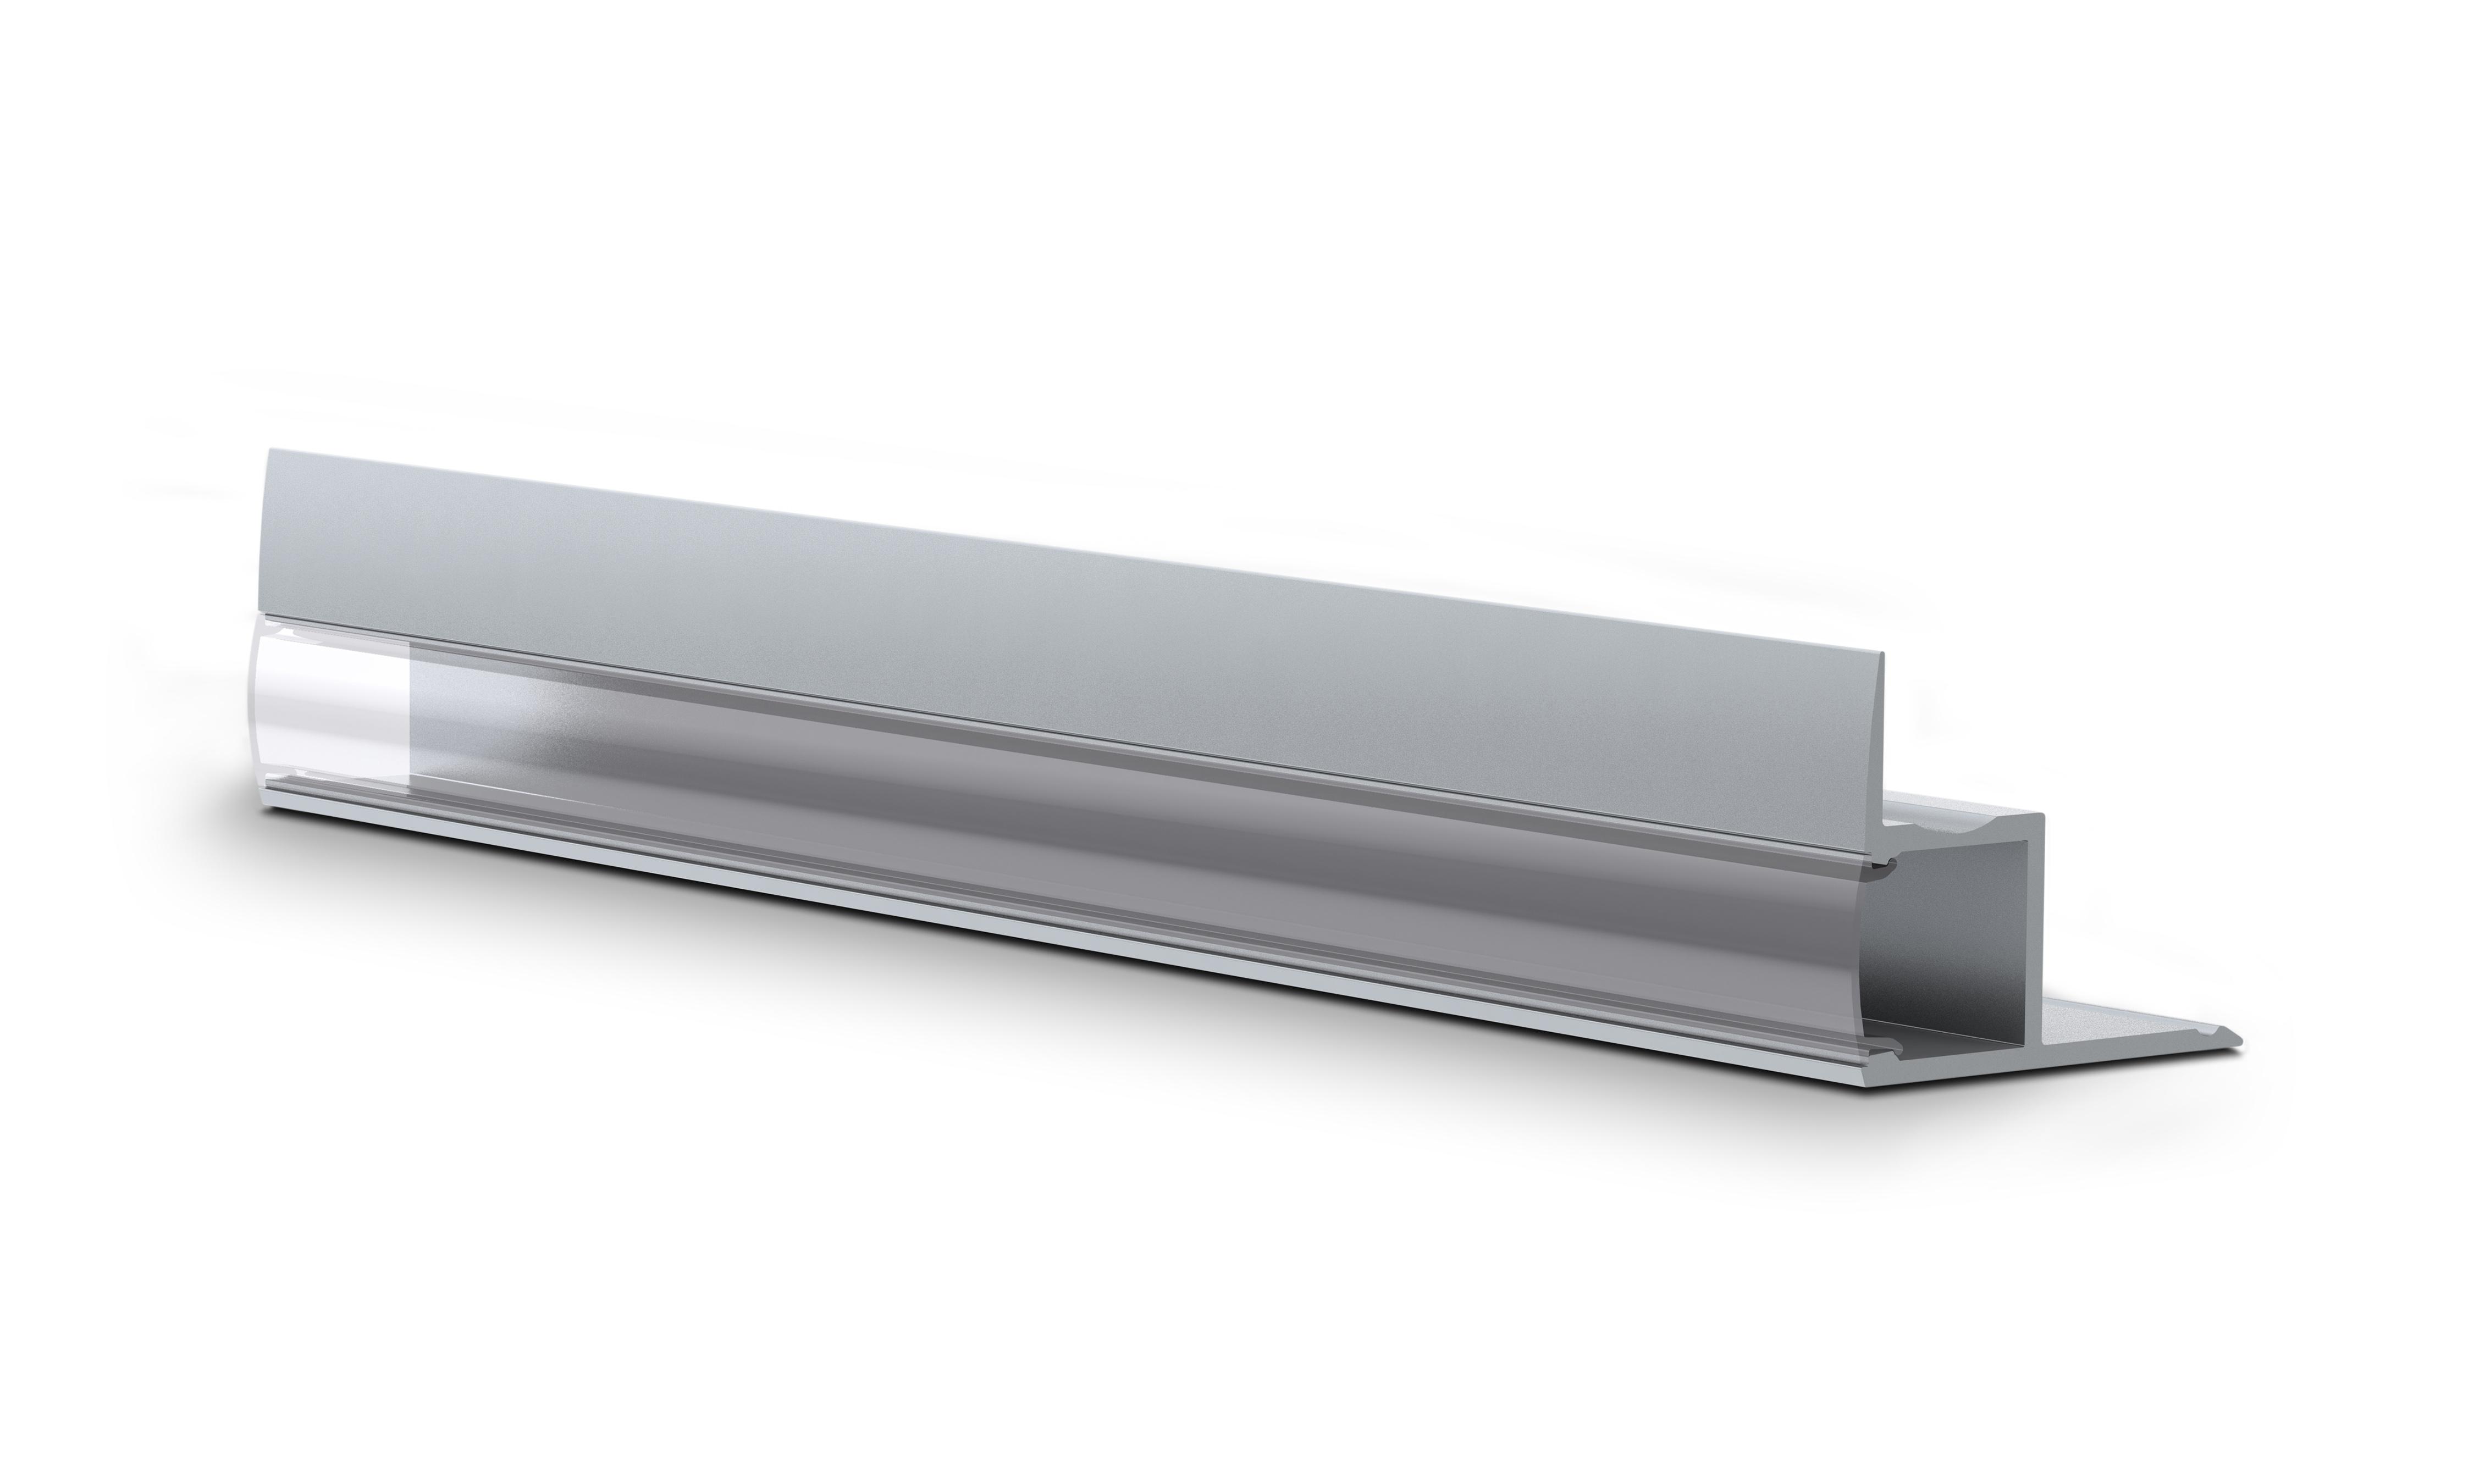 alu ceiling led profile uk led lighting. Black Bedroom Furniture Sets. Home Design Ideas